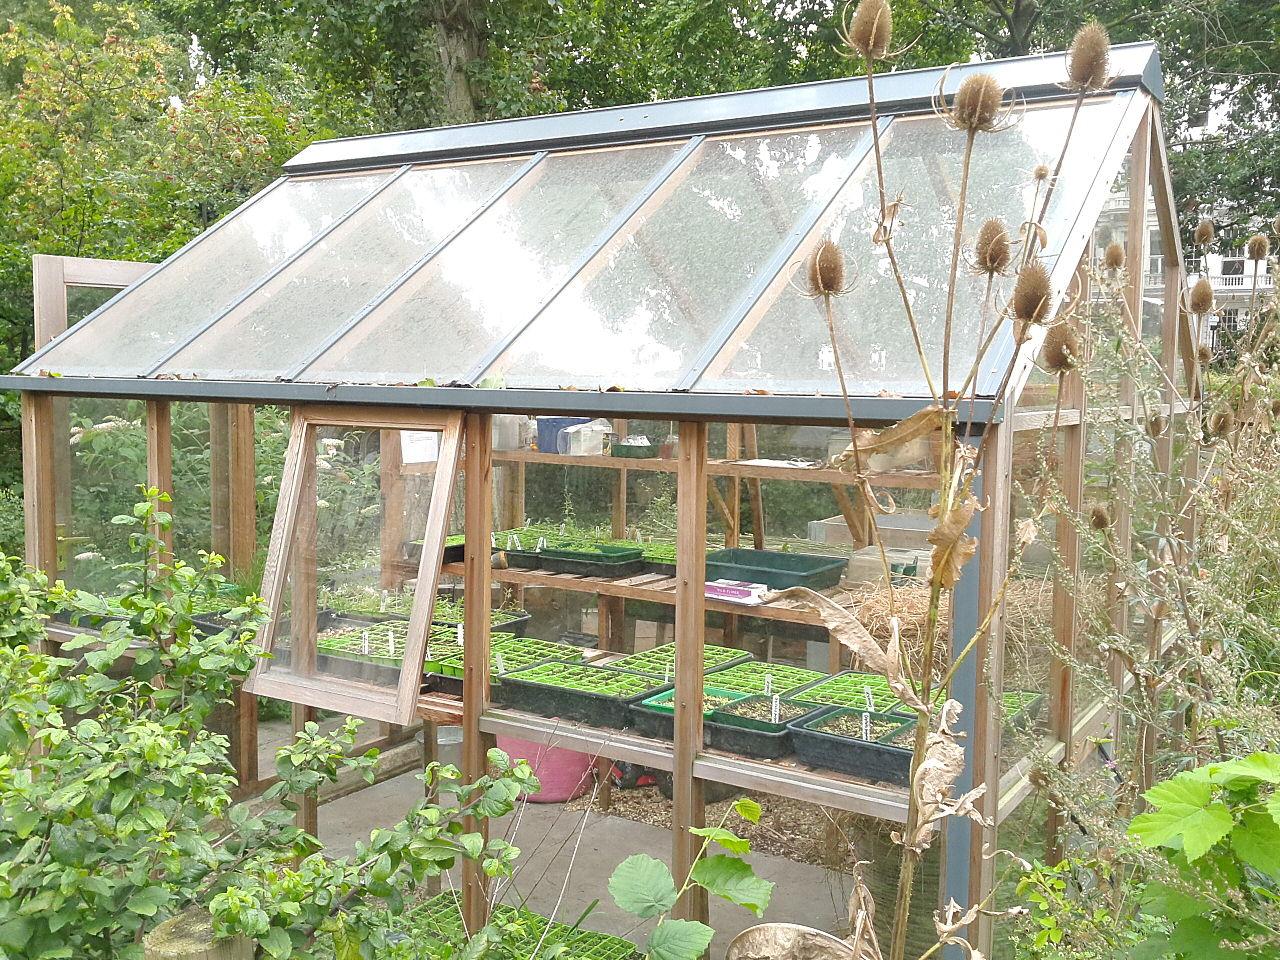 Si te gustan los DIY, no dudes en hacerte un invernadero casero